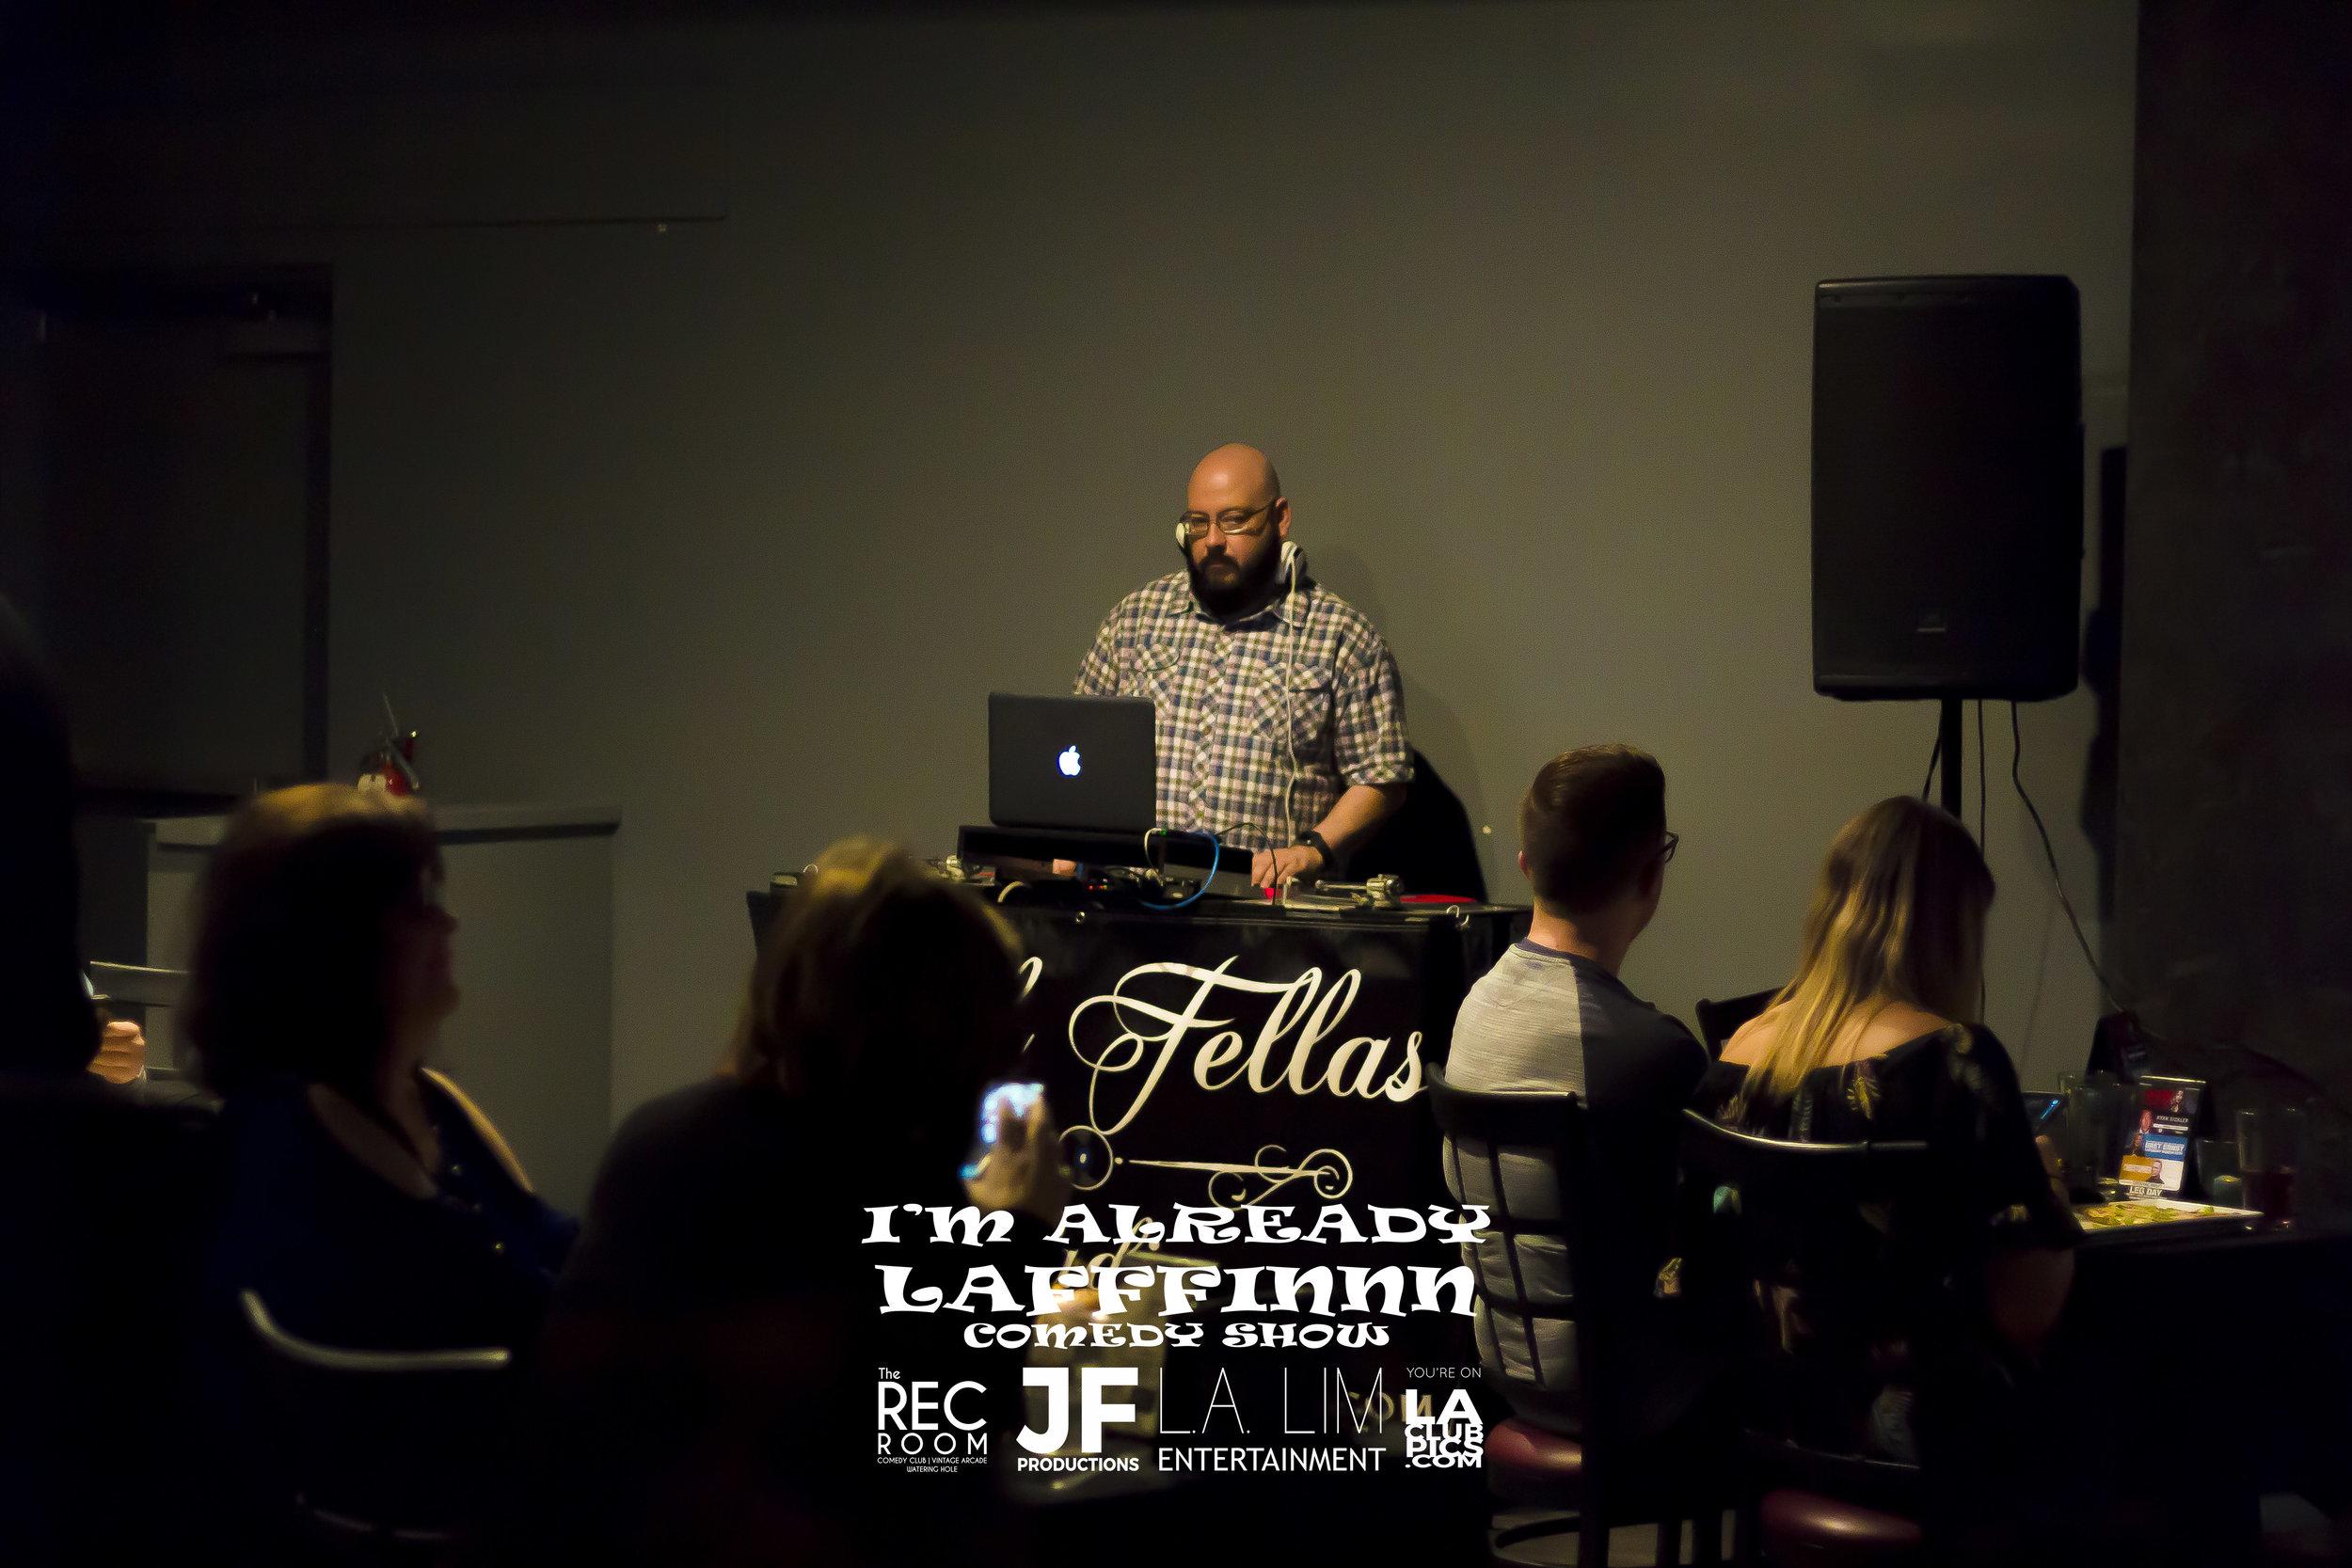 DJ Median